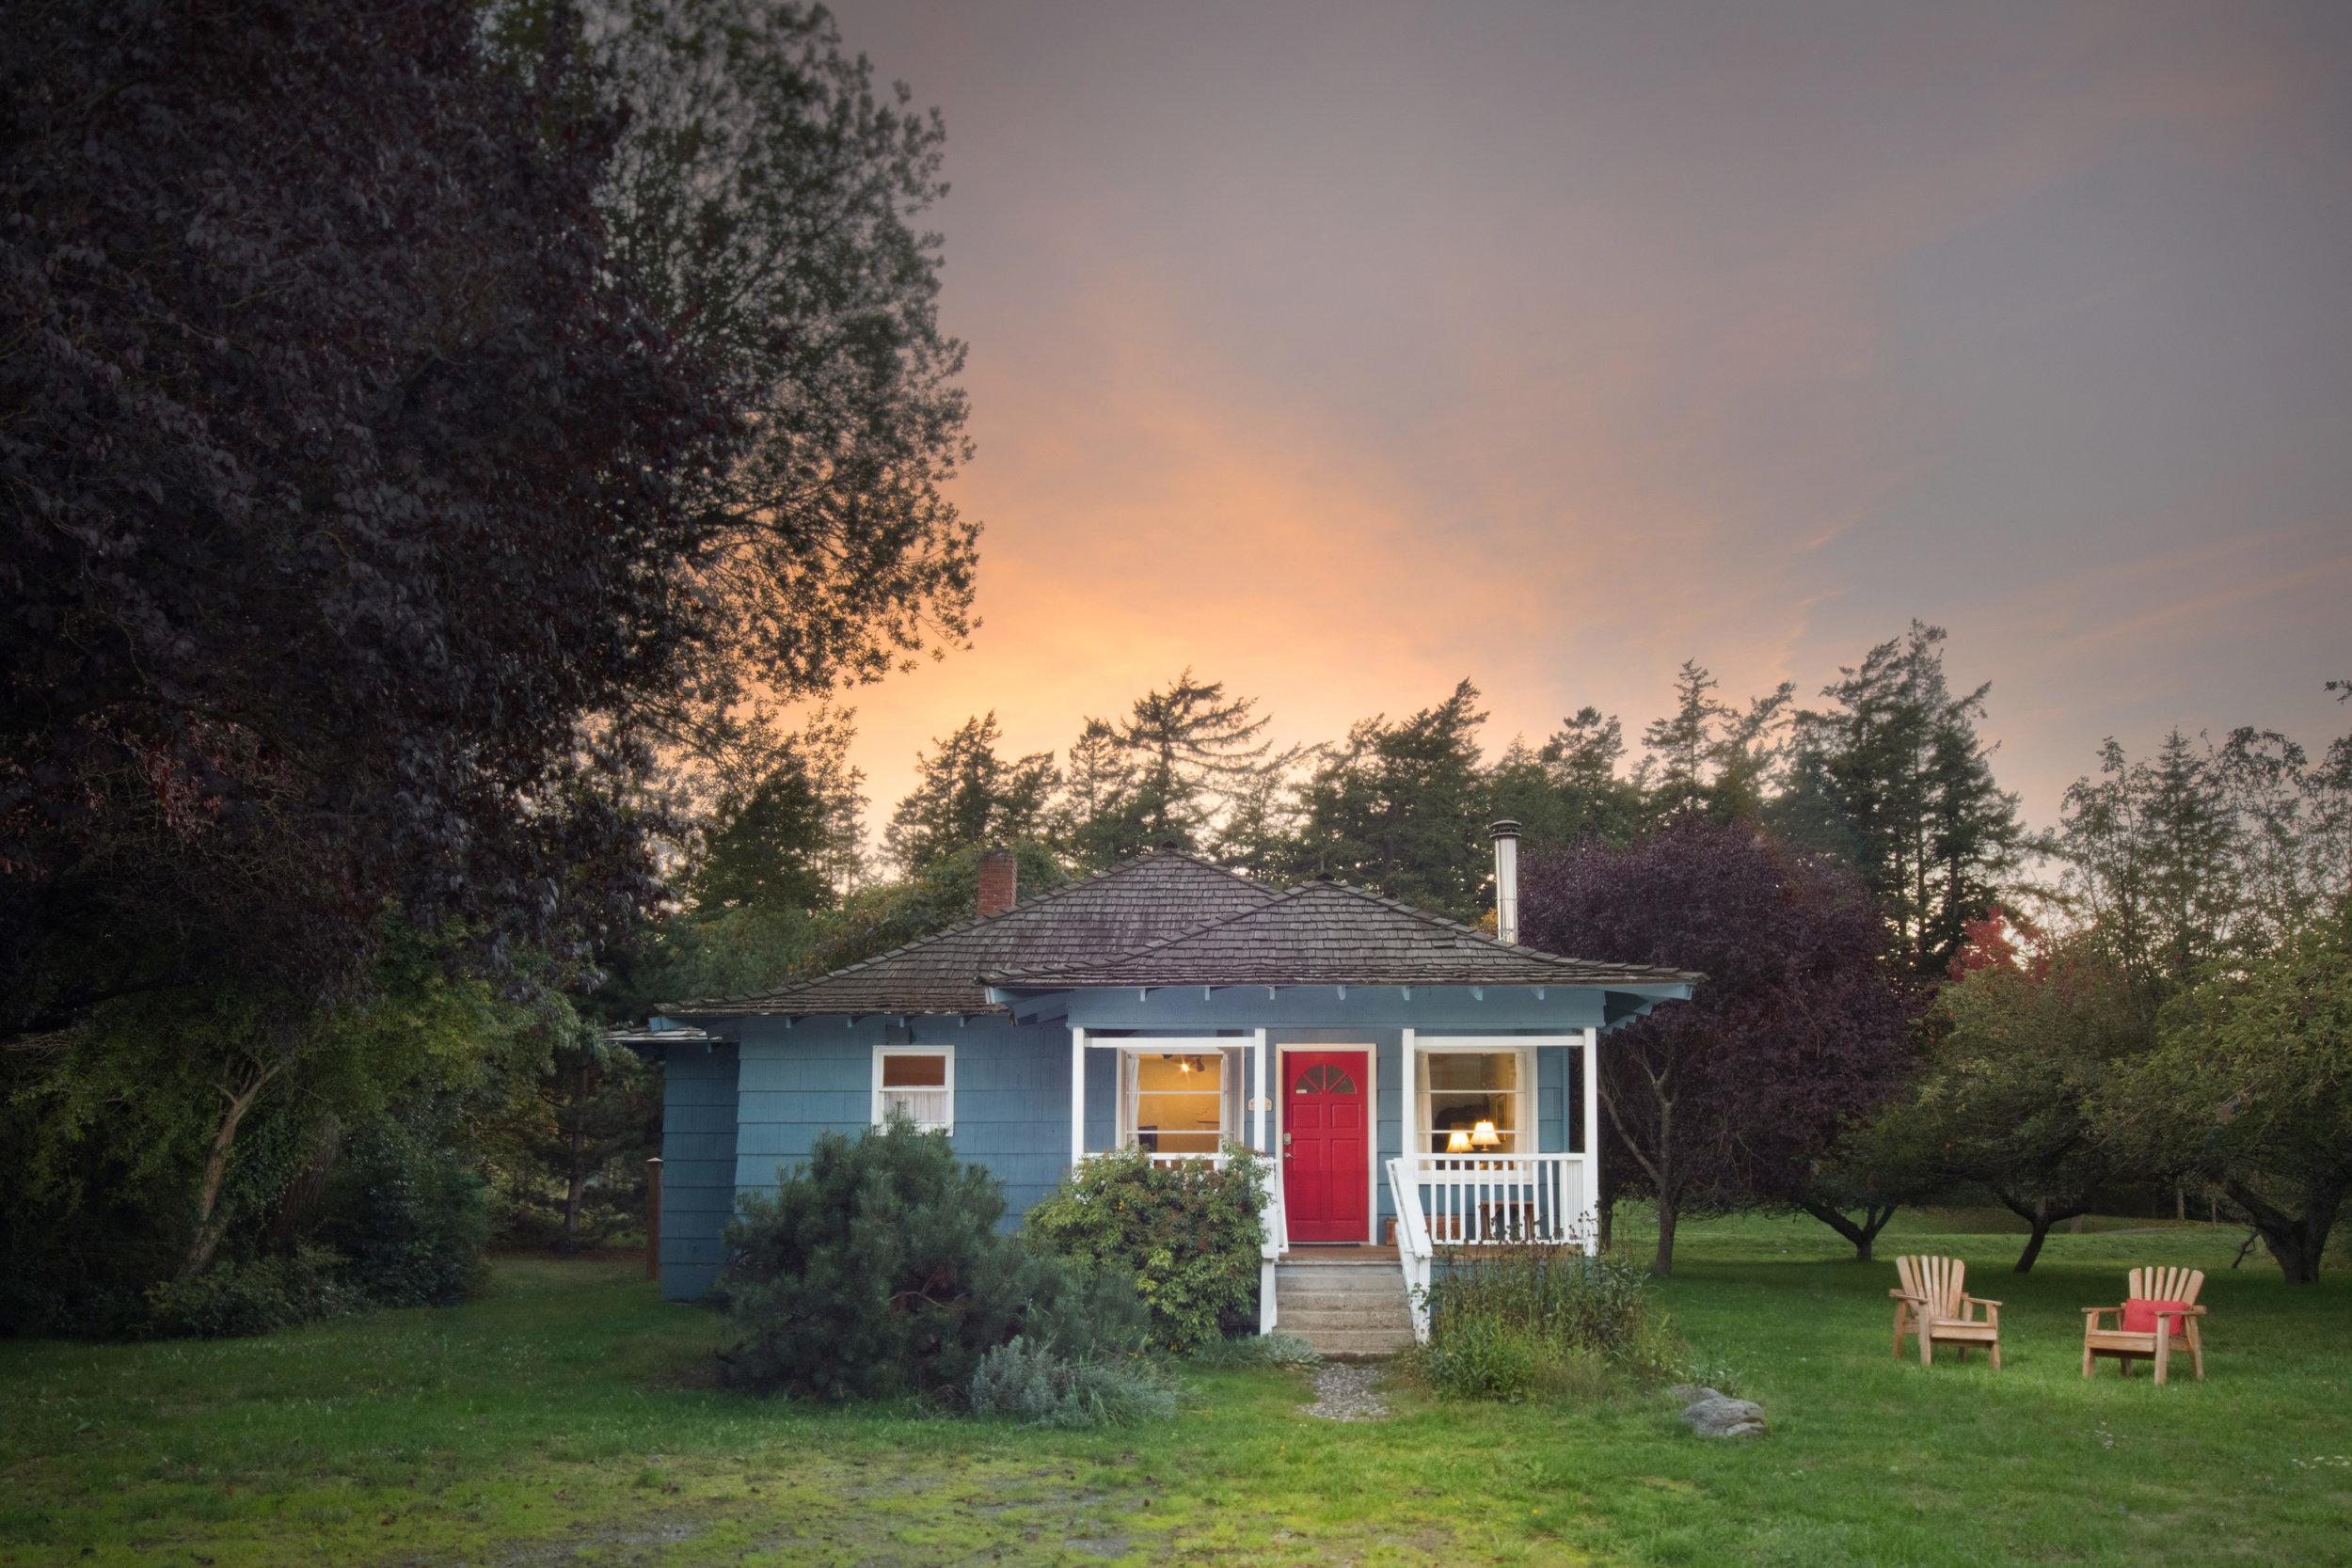 180926-Wisteria-Cottage-0001-FINAL-BrightSky.jpg